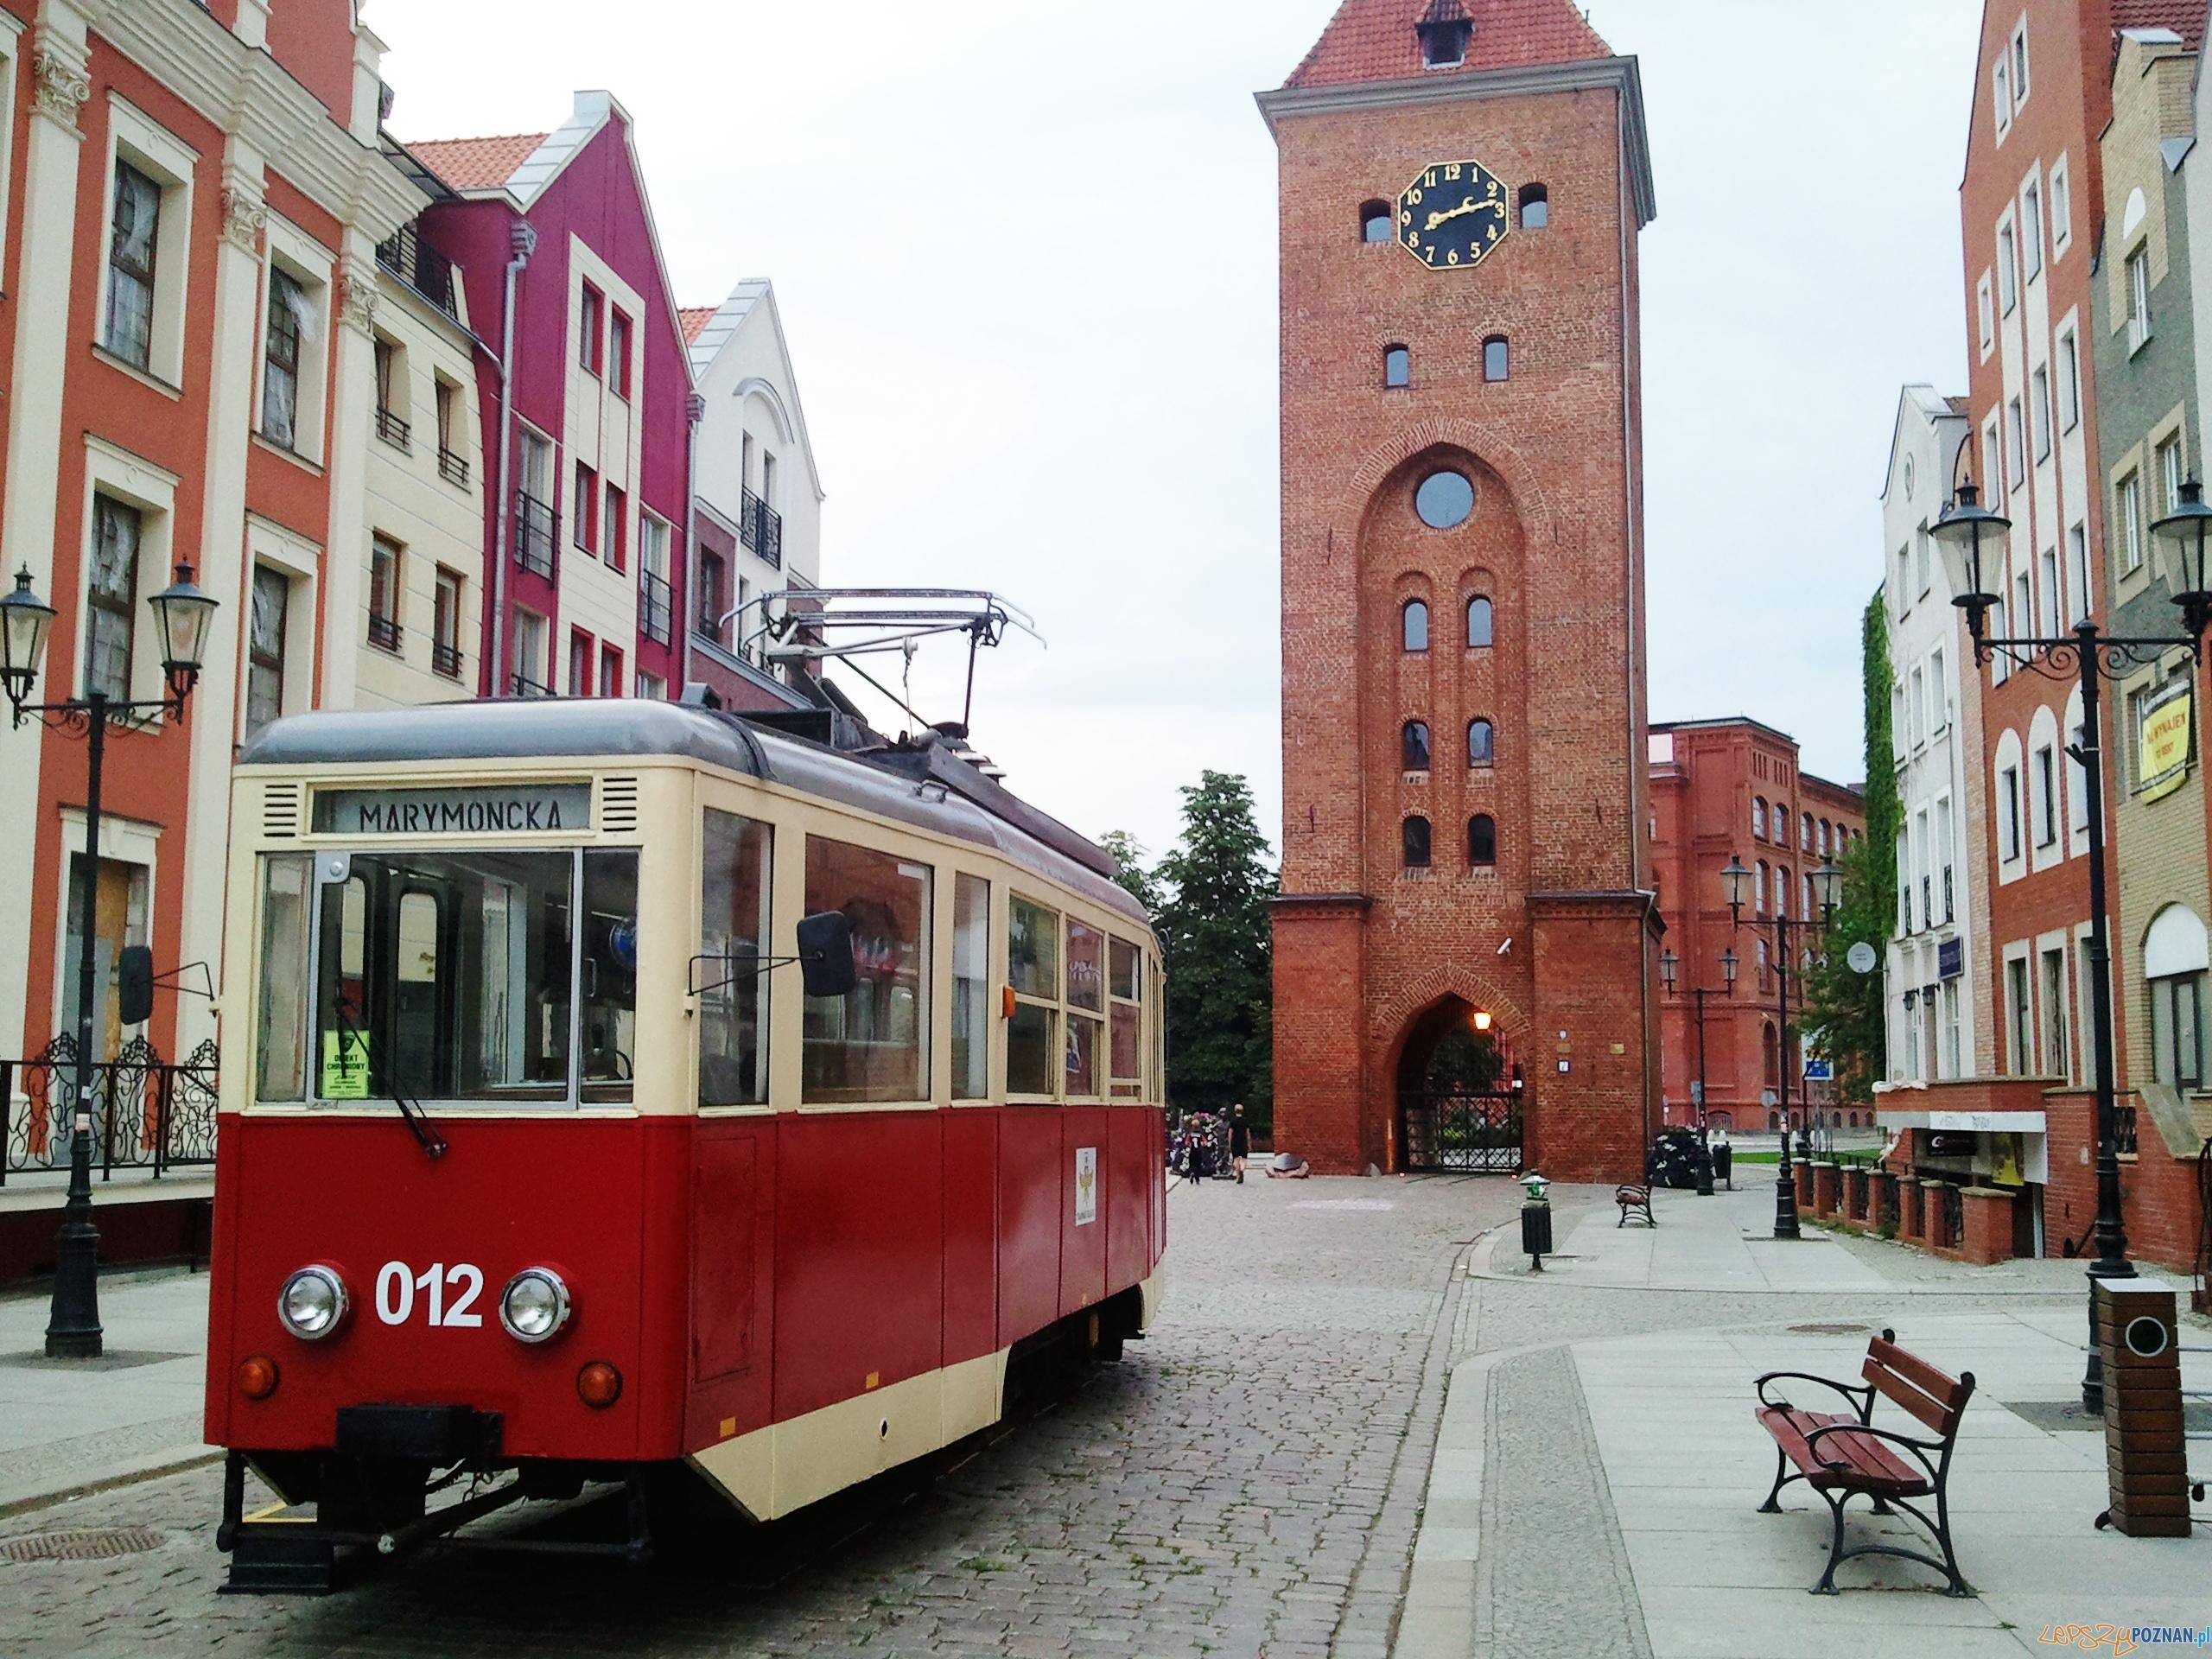 Zabytkowy tramwaj w Elblągu  Foto: lepszyPOZNAN.pl / gsm